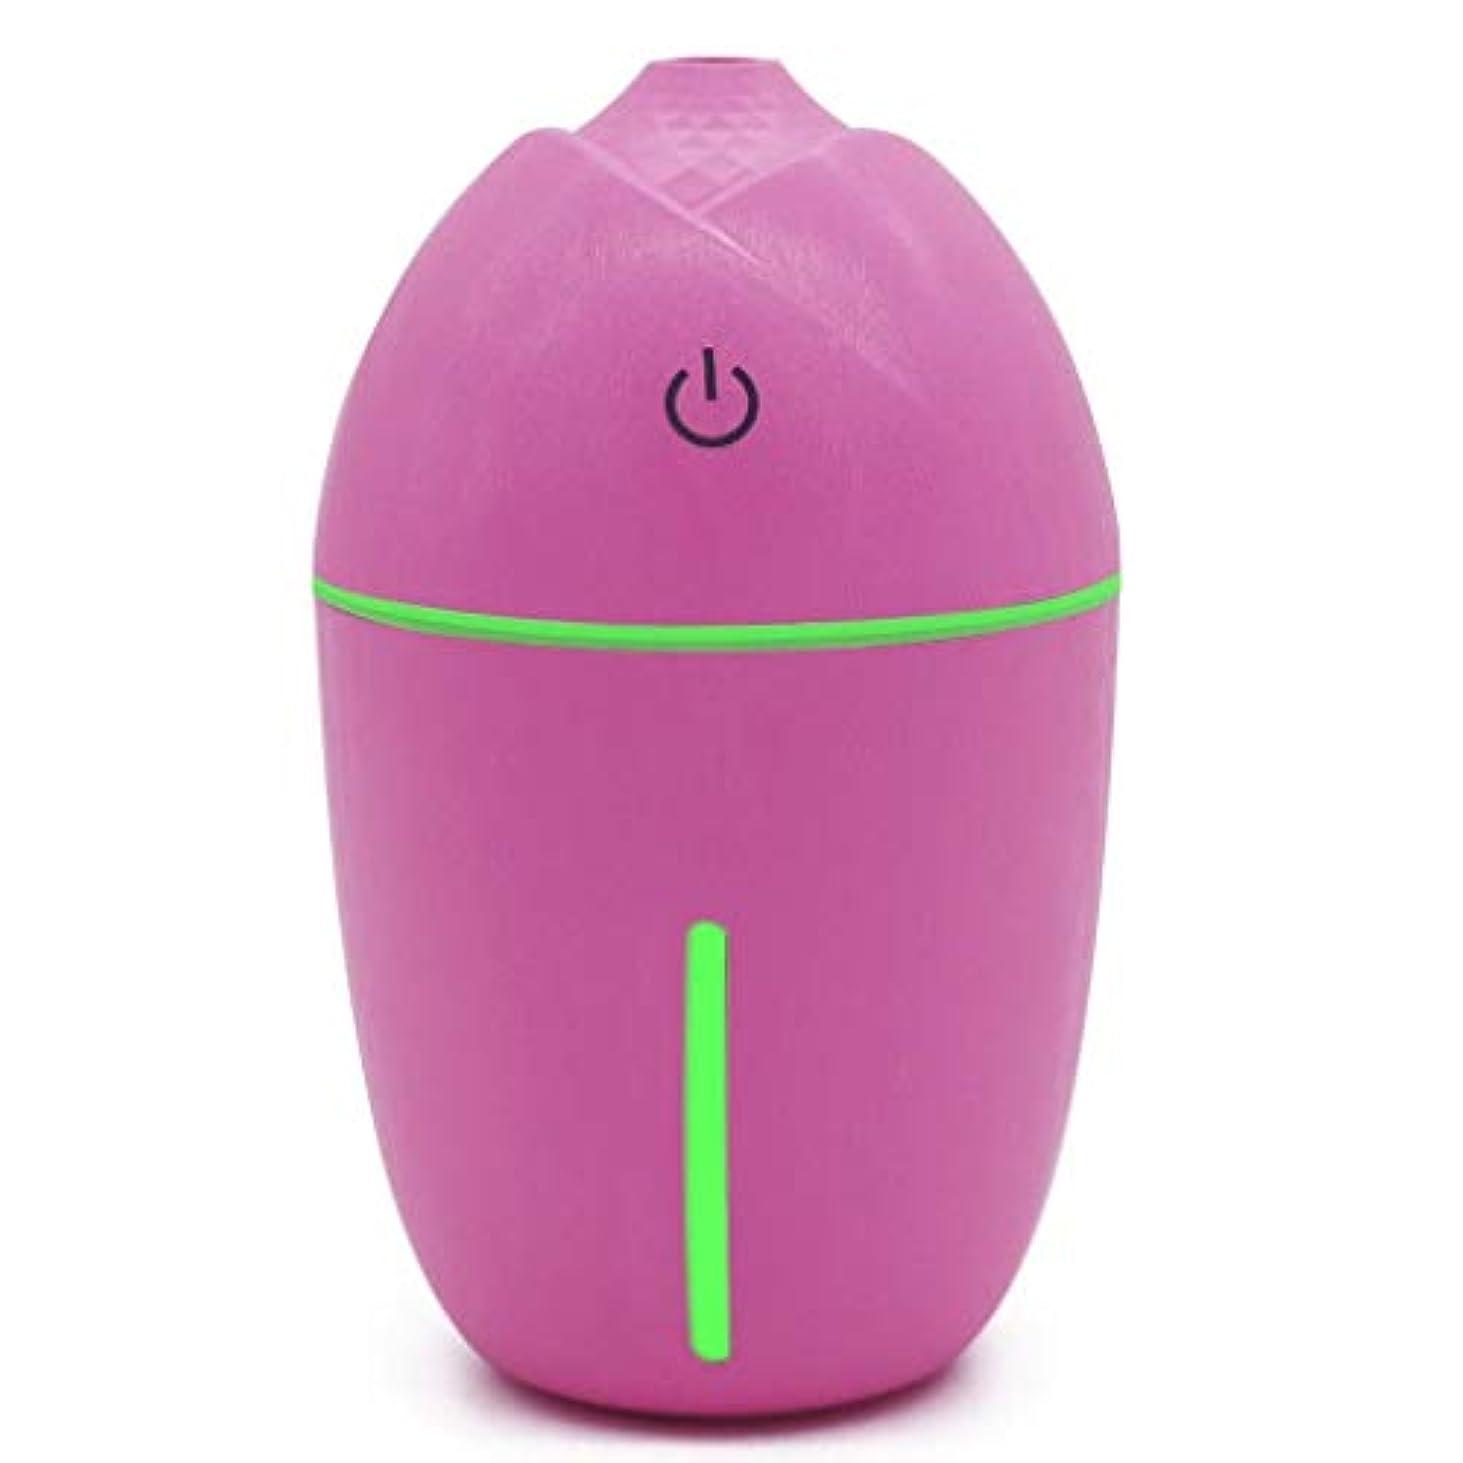 同化する中で足180ミリリットルミニアロマエッセンシャルオイルディフューザー、usb超音波クールミスト加湿器付きledナイトライト用オフィスホームリビングルーム研究ヨガスパ (Color : ピンク)